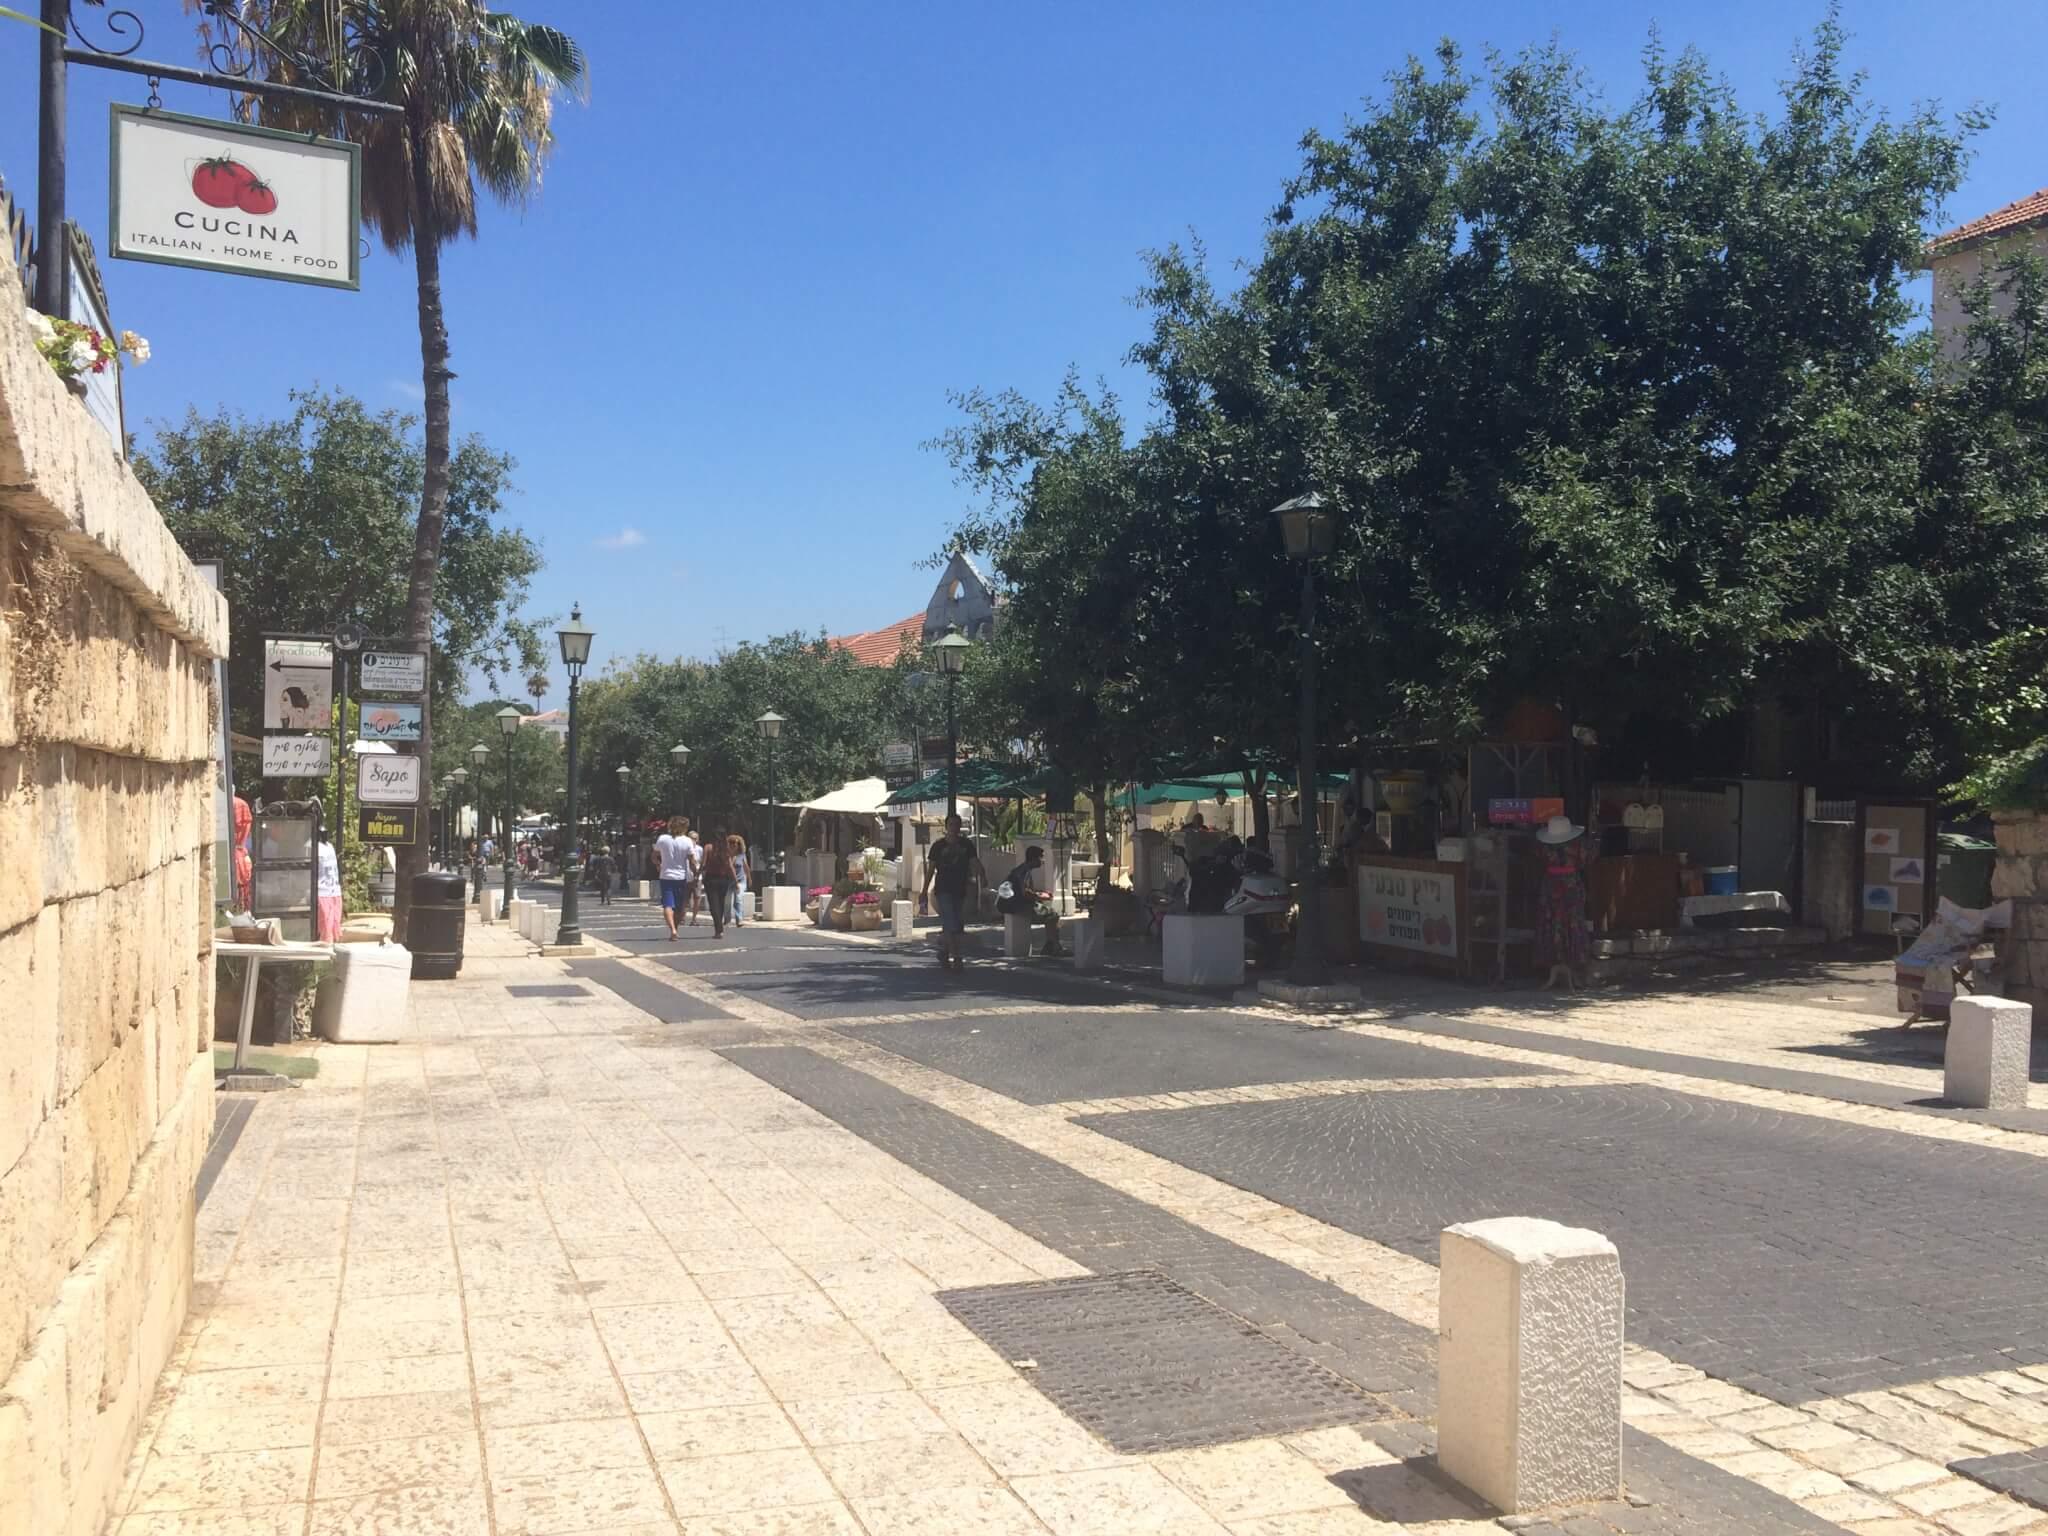 Zichron Ja'akow, Israel